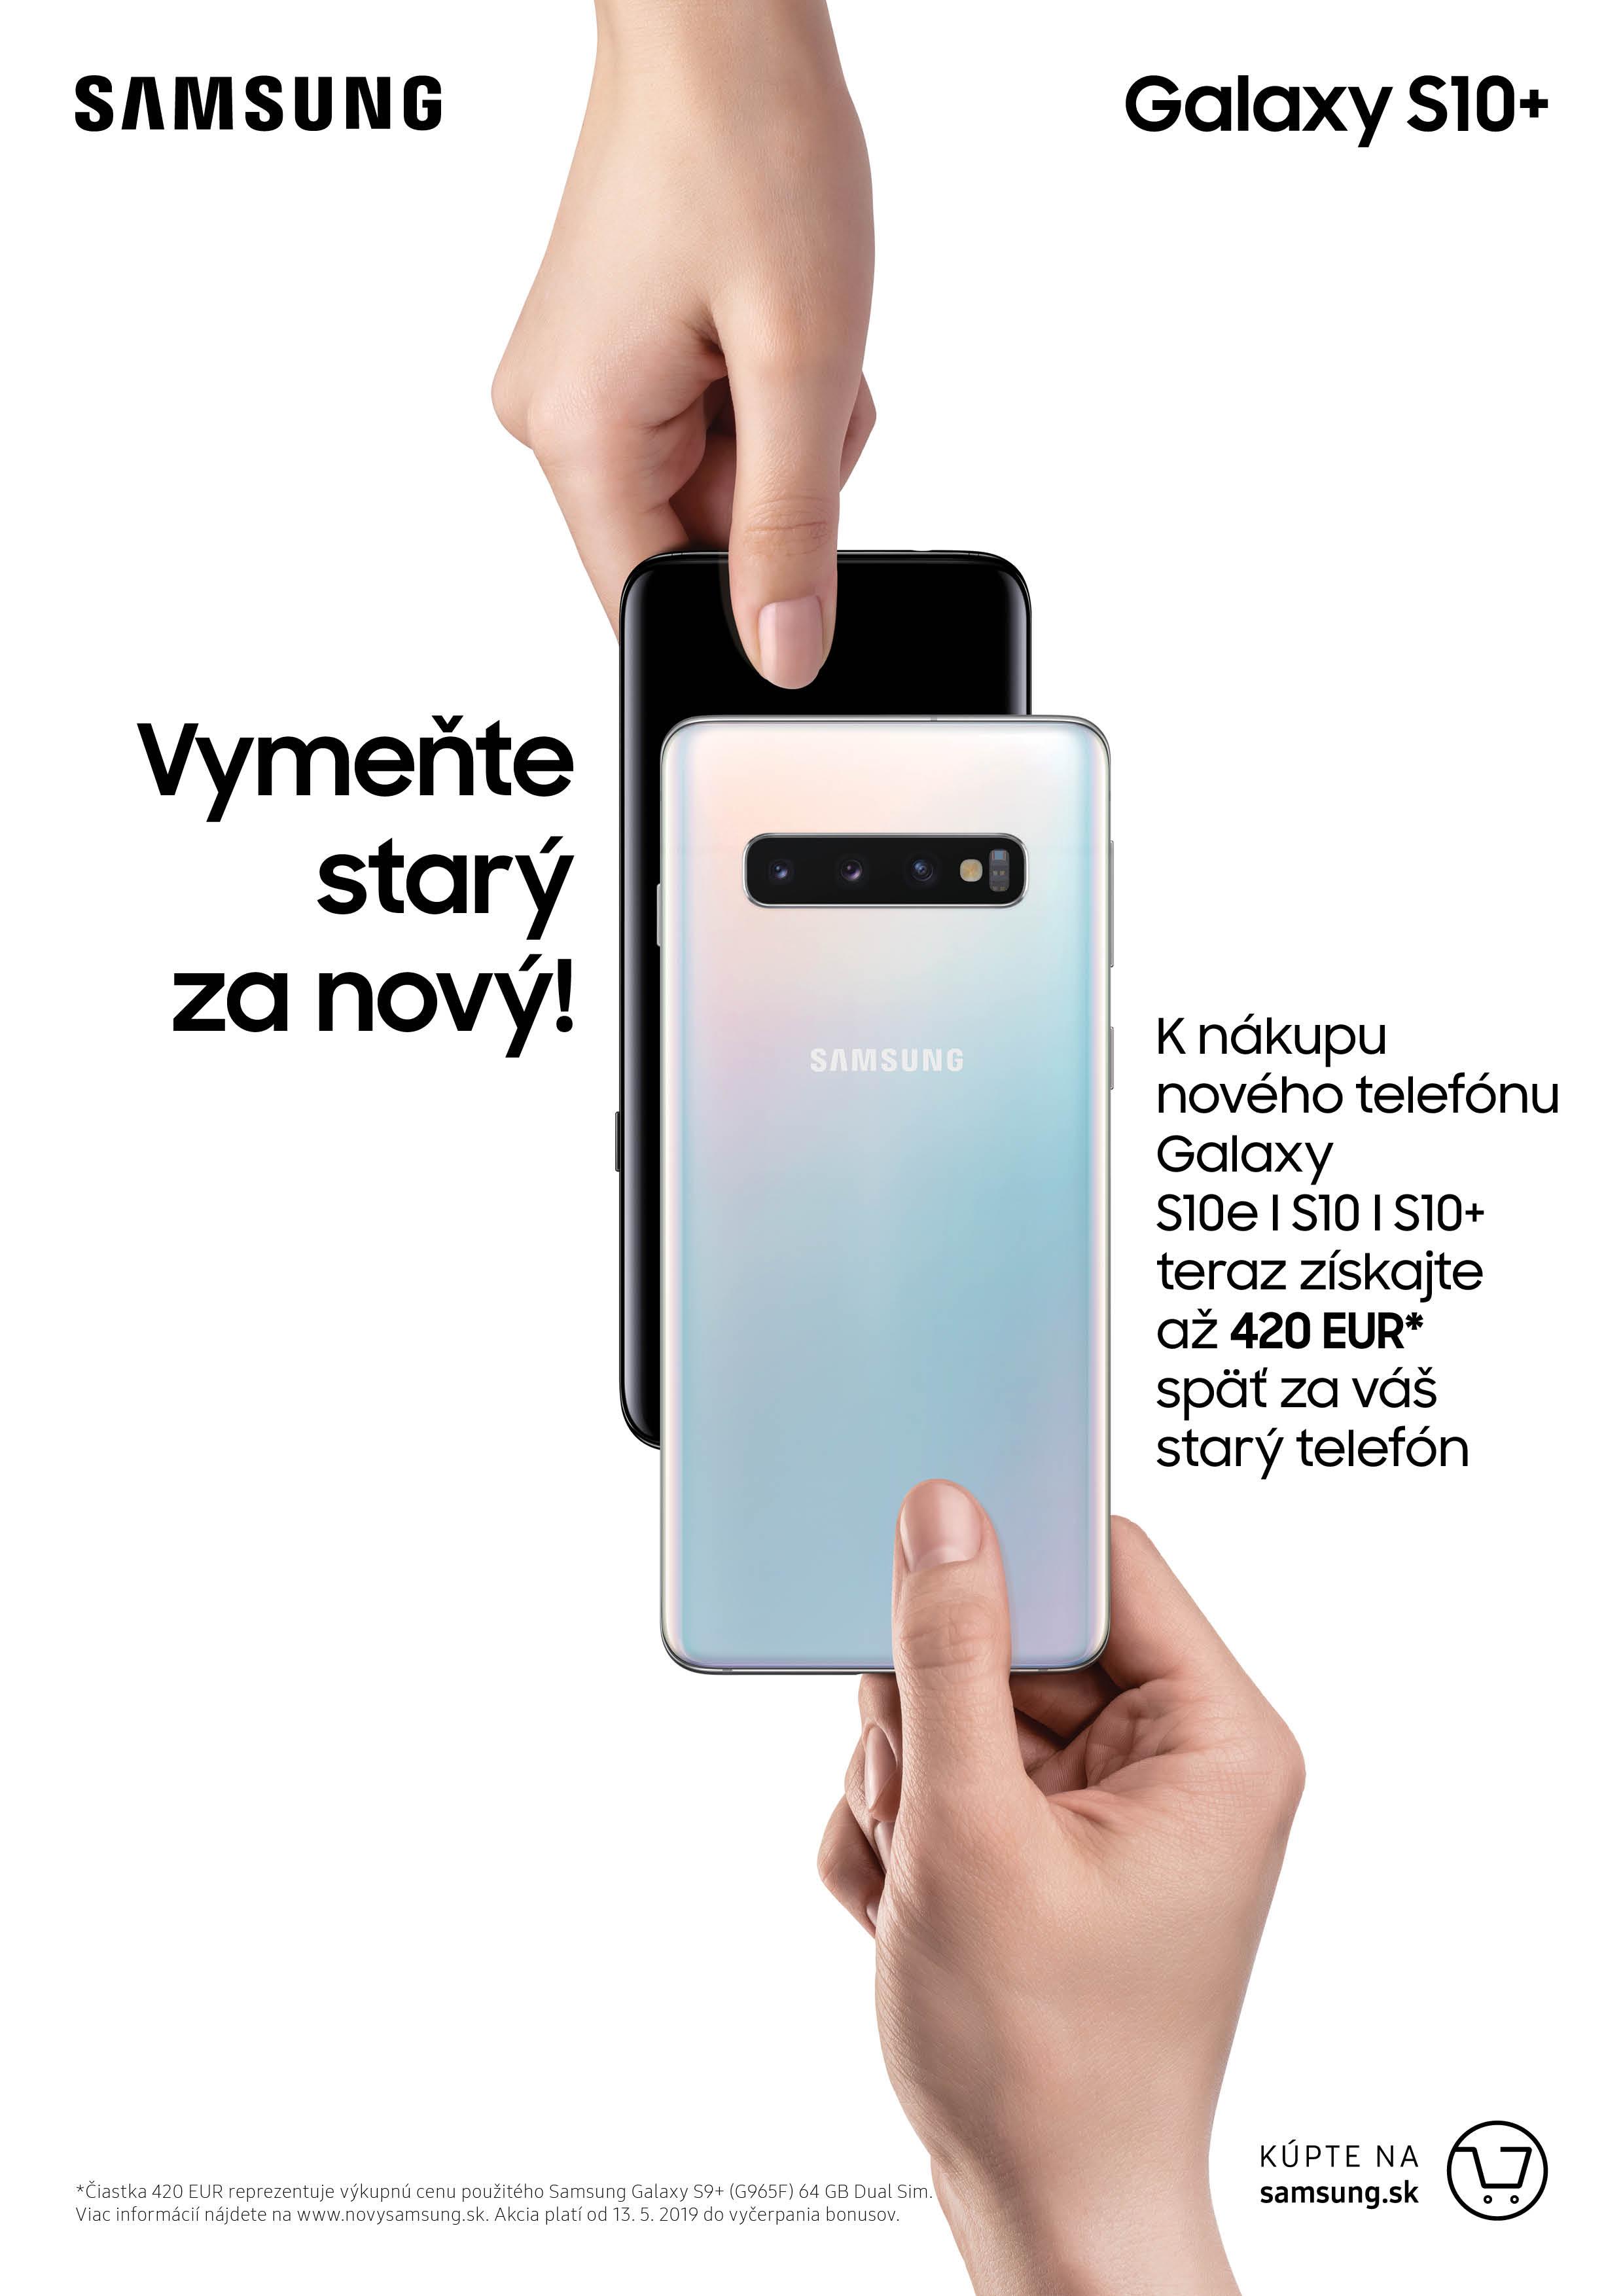 c587c9ee1 Túto akciu je možné využiť pri nákupe nových smartfónov Galaxy S10+, Galaxy  S10 a Galaxy S10e u partnerských predajcov. Ponuka je platná od 13. 5.